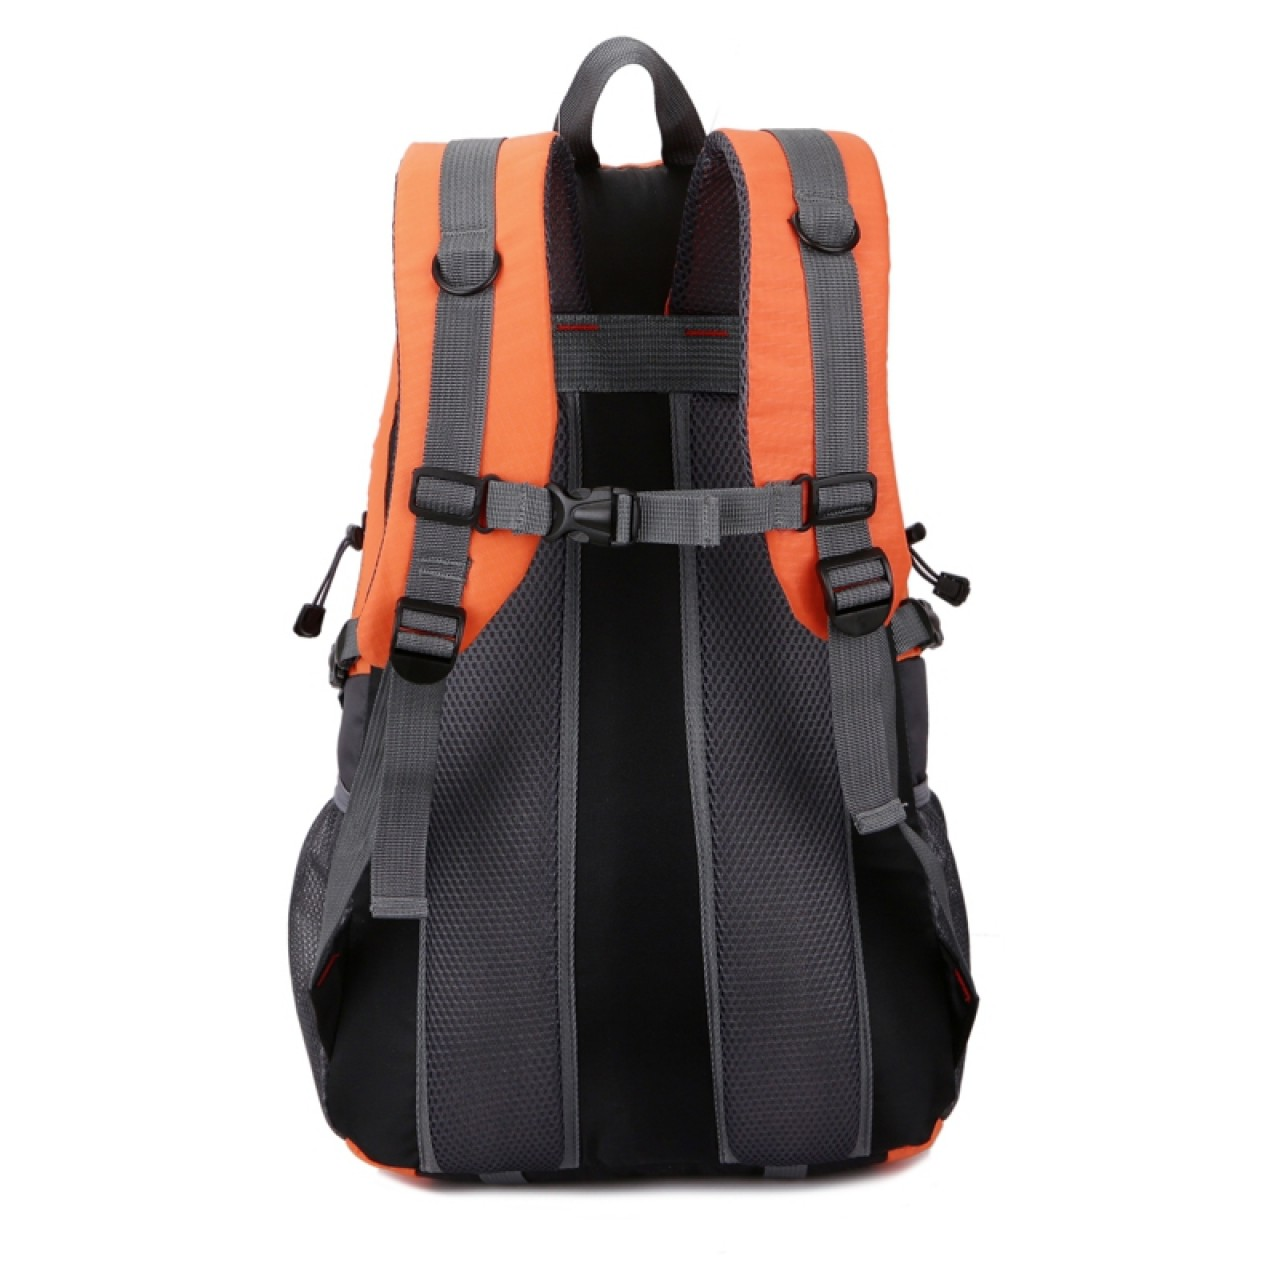 0c6ef804fe4 ... Casual Waterproof Simple Backpack τσάντας πλάτης αδιάβροχη μαύρο-πορτοκαλί  Hobby - Αθλητισμός ...